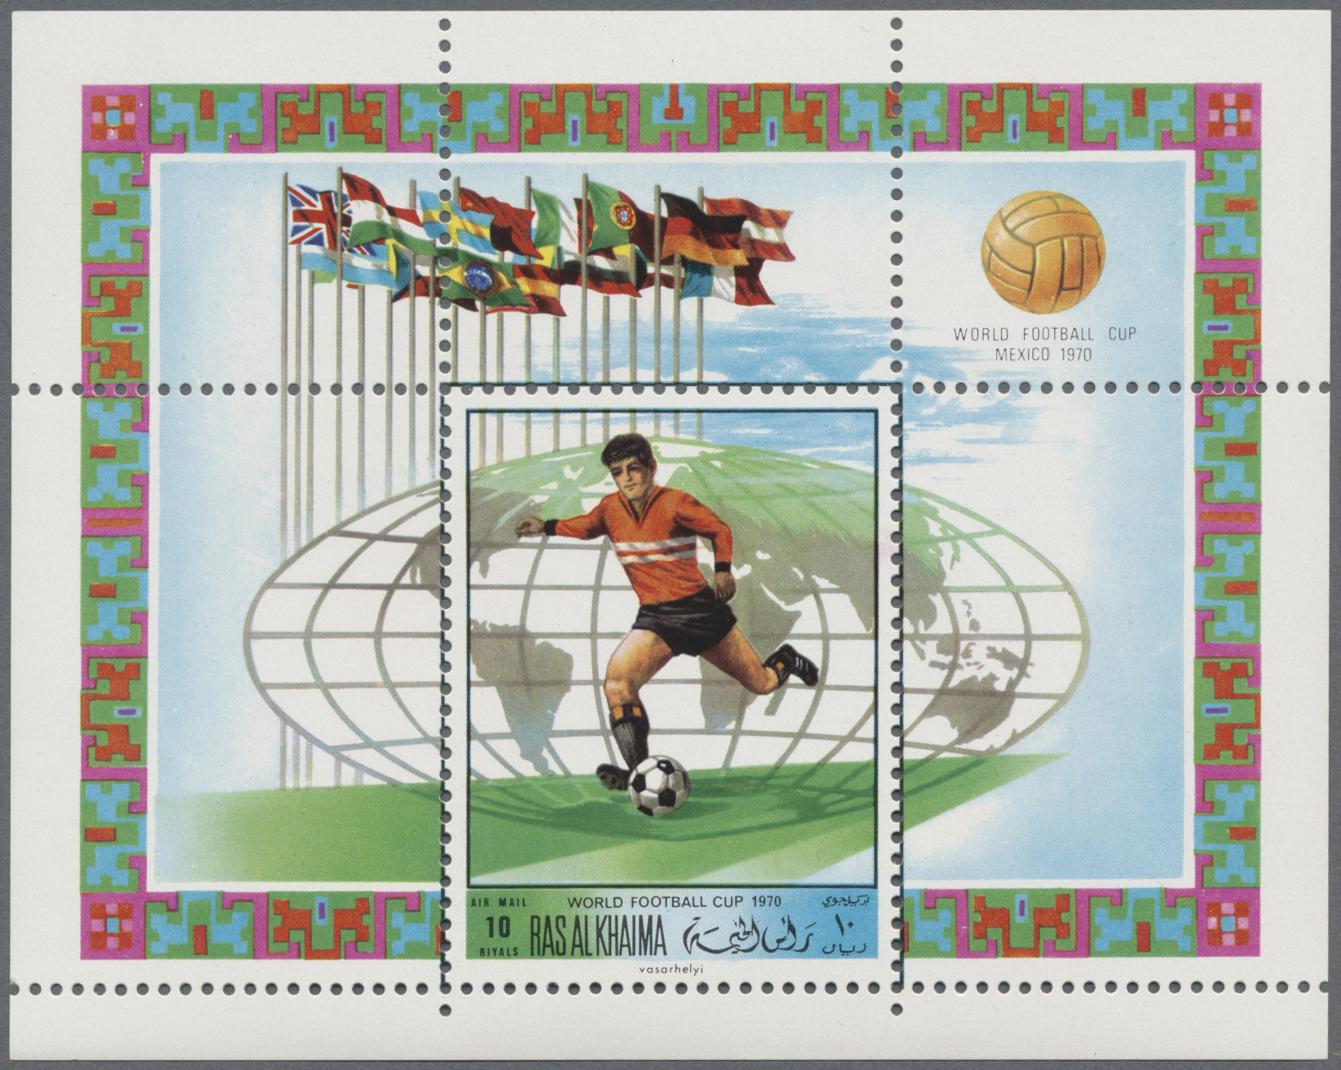 Lot 17490 - Vereinigte Arabische Emirate -   Besonderheiten  -  Auktionshaus Christoph Gärtner GmbH & Co. KG Sale #49 Collections Overseas, Thematics, Europe, Germany/Estates